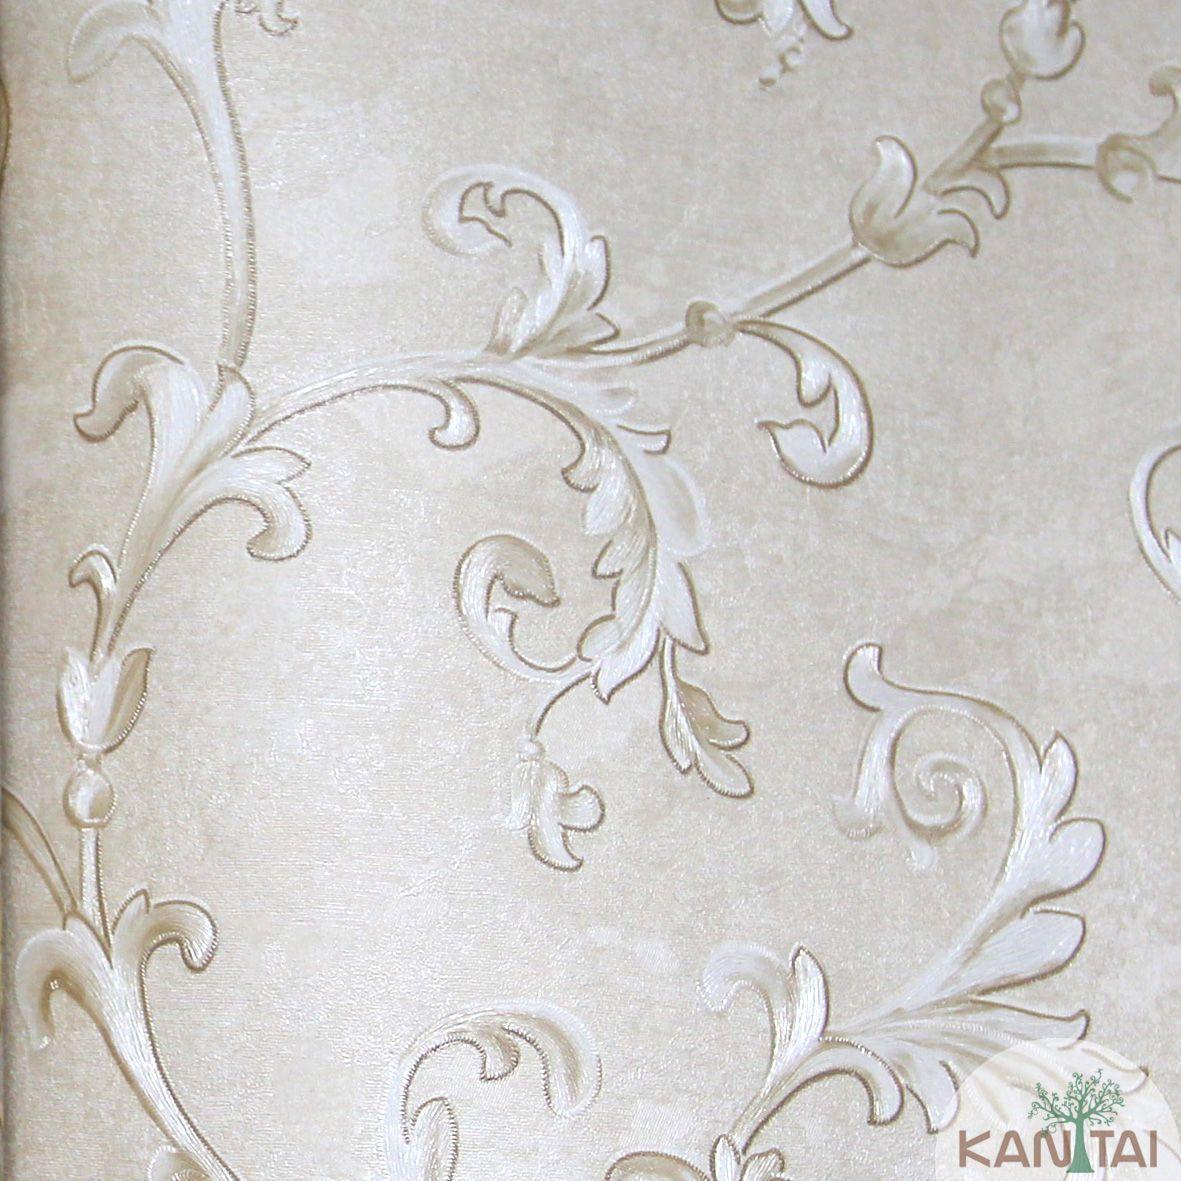 Papel de Parede Importado Kan Tai  Vinílico Coleção Grace Arabesco Bege, Dourado, Prata, Leve brilho